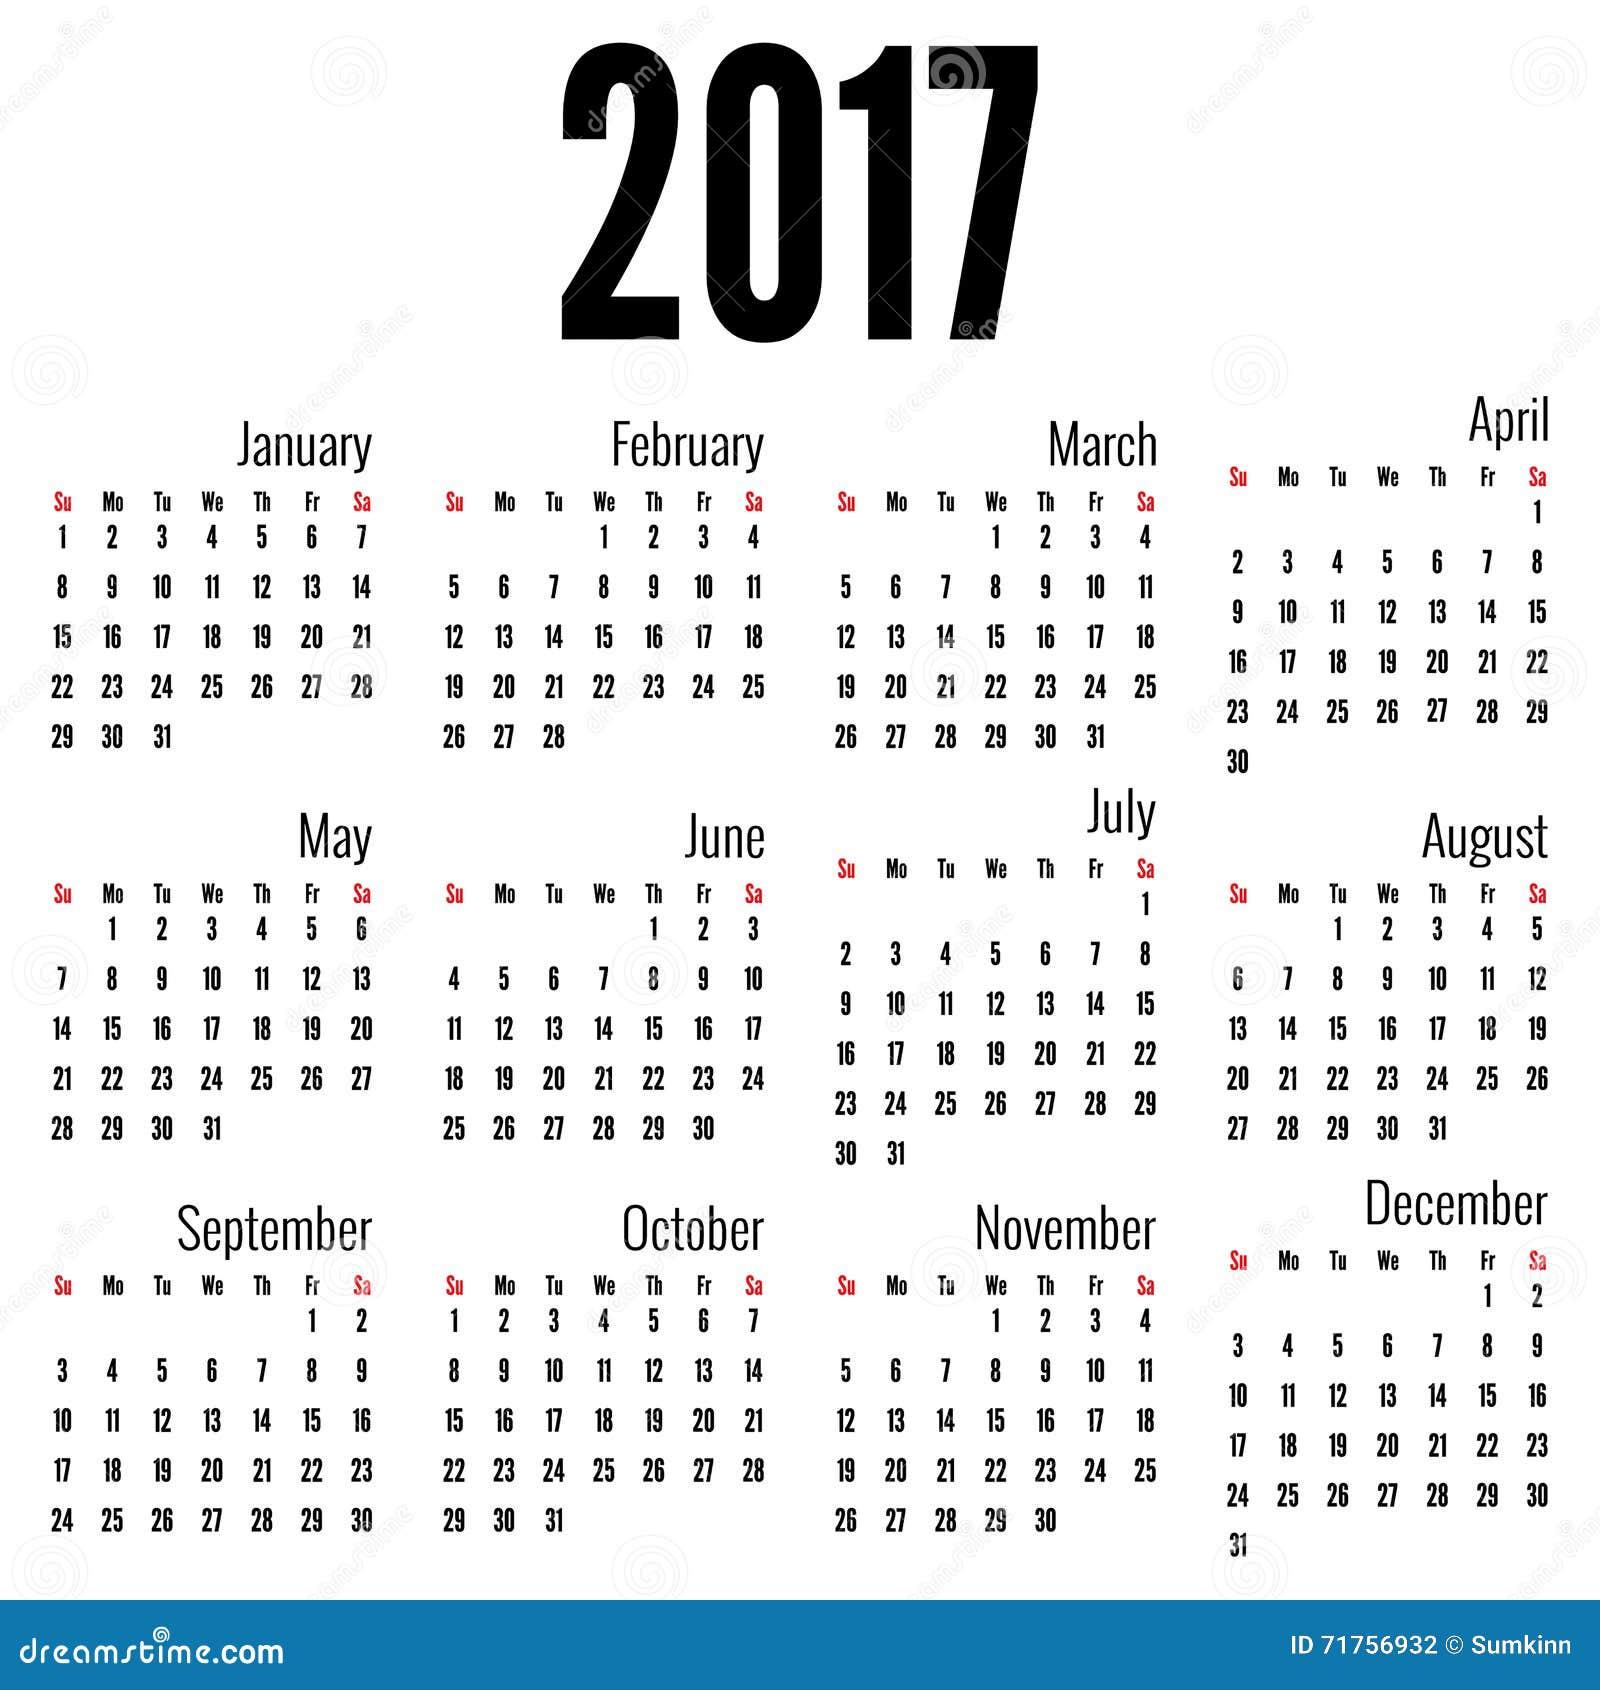 Μηνιαίο ημερολόγιο για το 2017